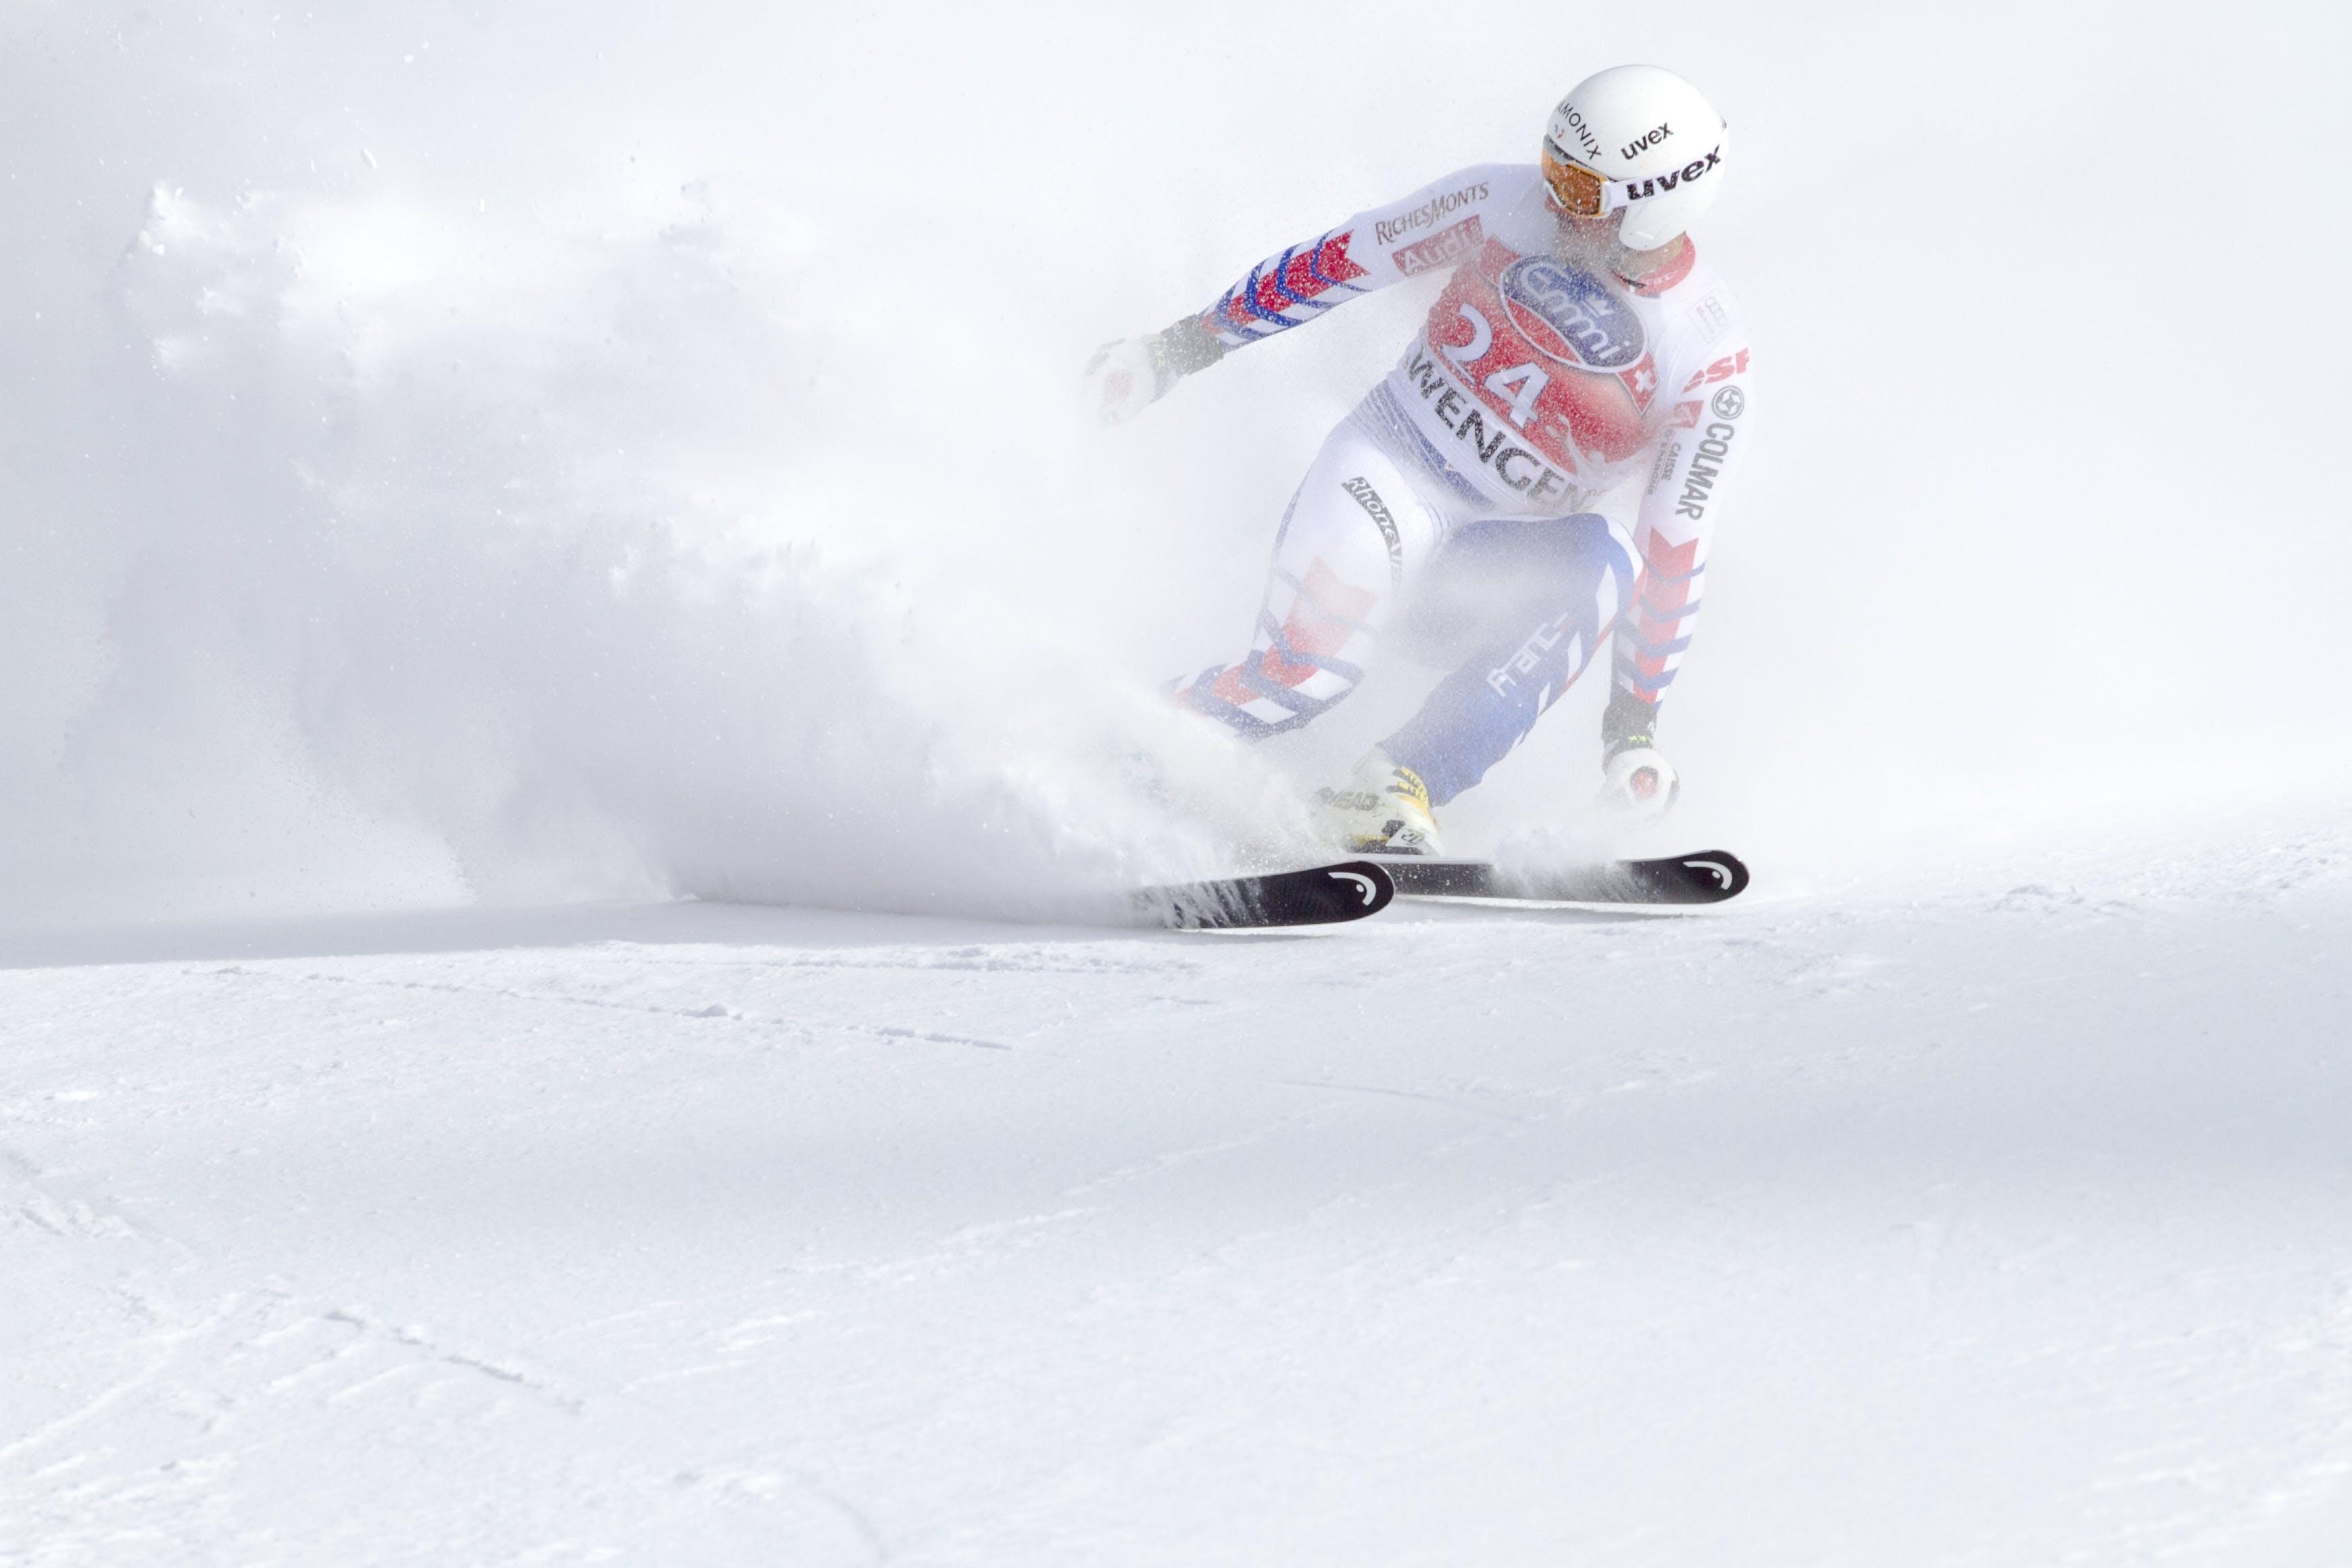 Δωρεάν στοκ φωτογραφιών με άθλημα, άνθρωπος, δράση, κάνω σκι